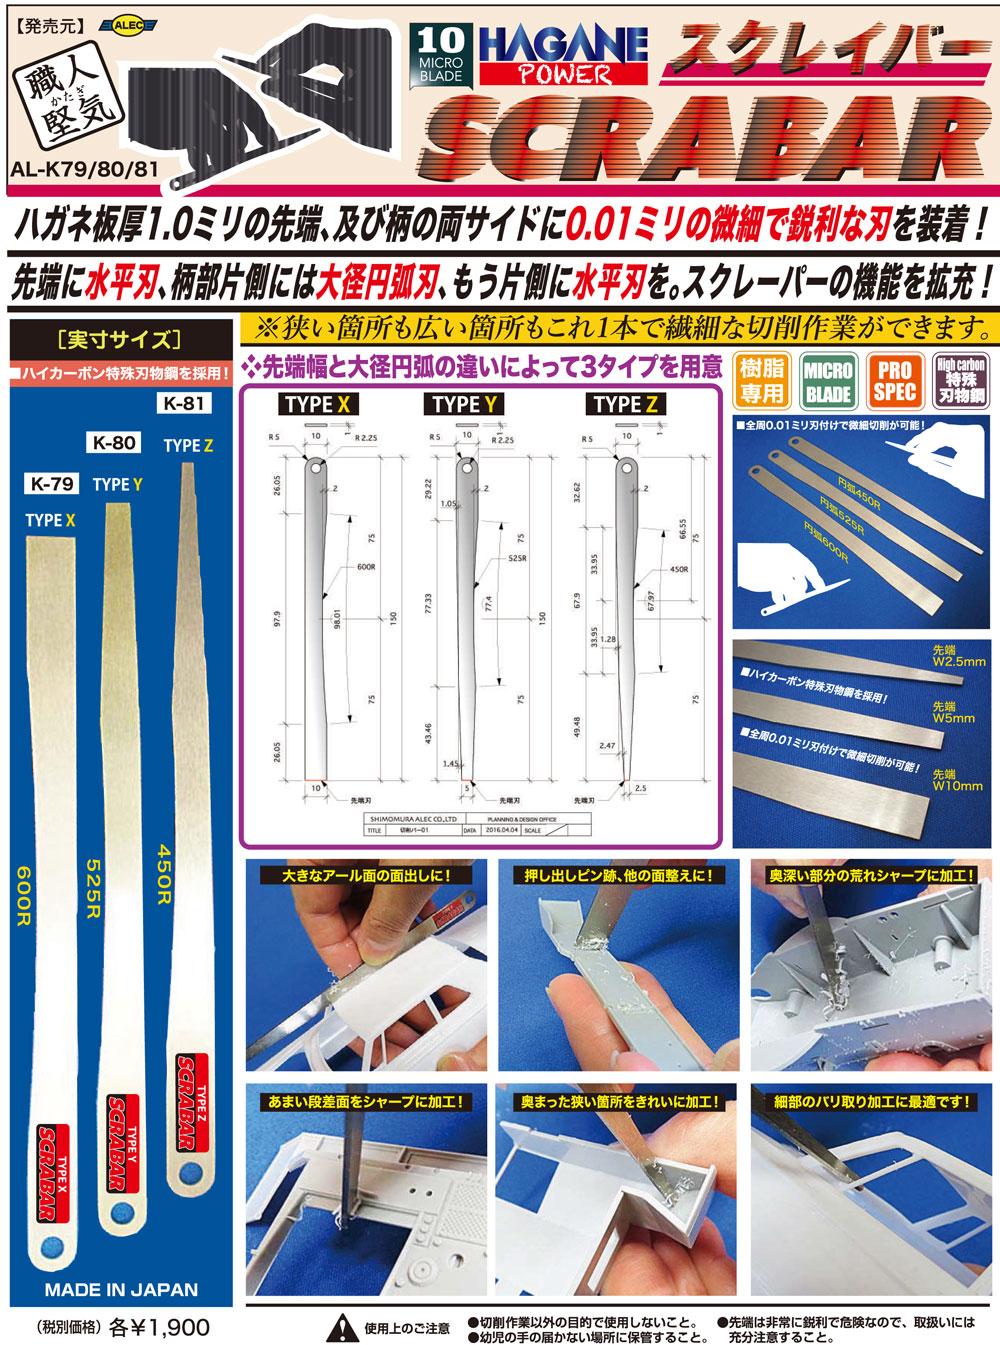 スクレイバー (TYPE Y)スクレイパー(シモムラアレック職人堅気No.AL-K080)商品画像_3